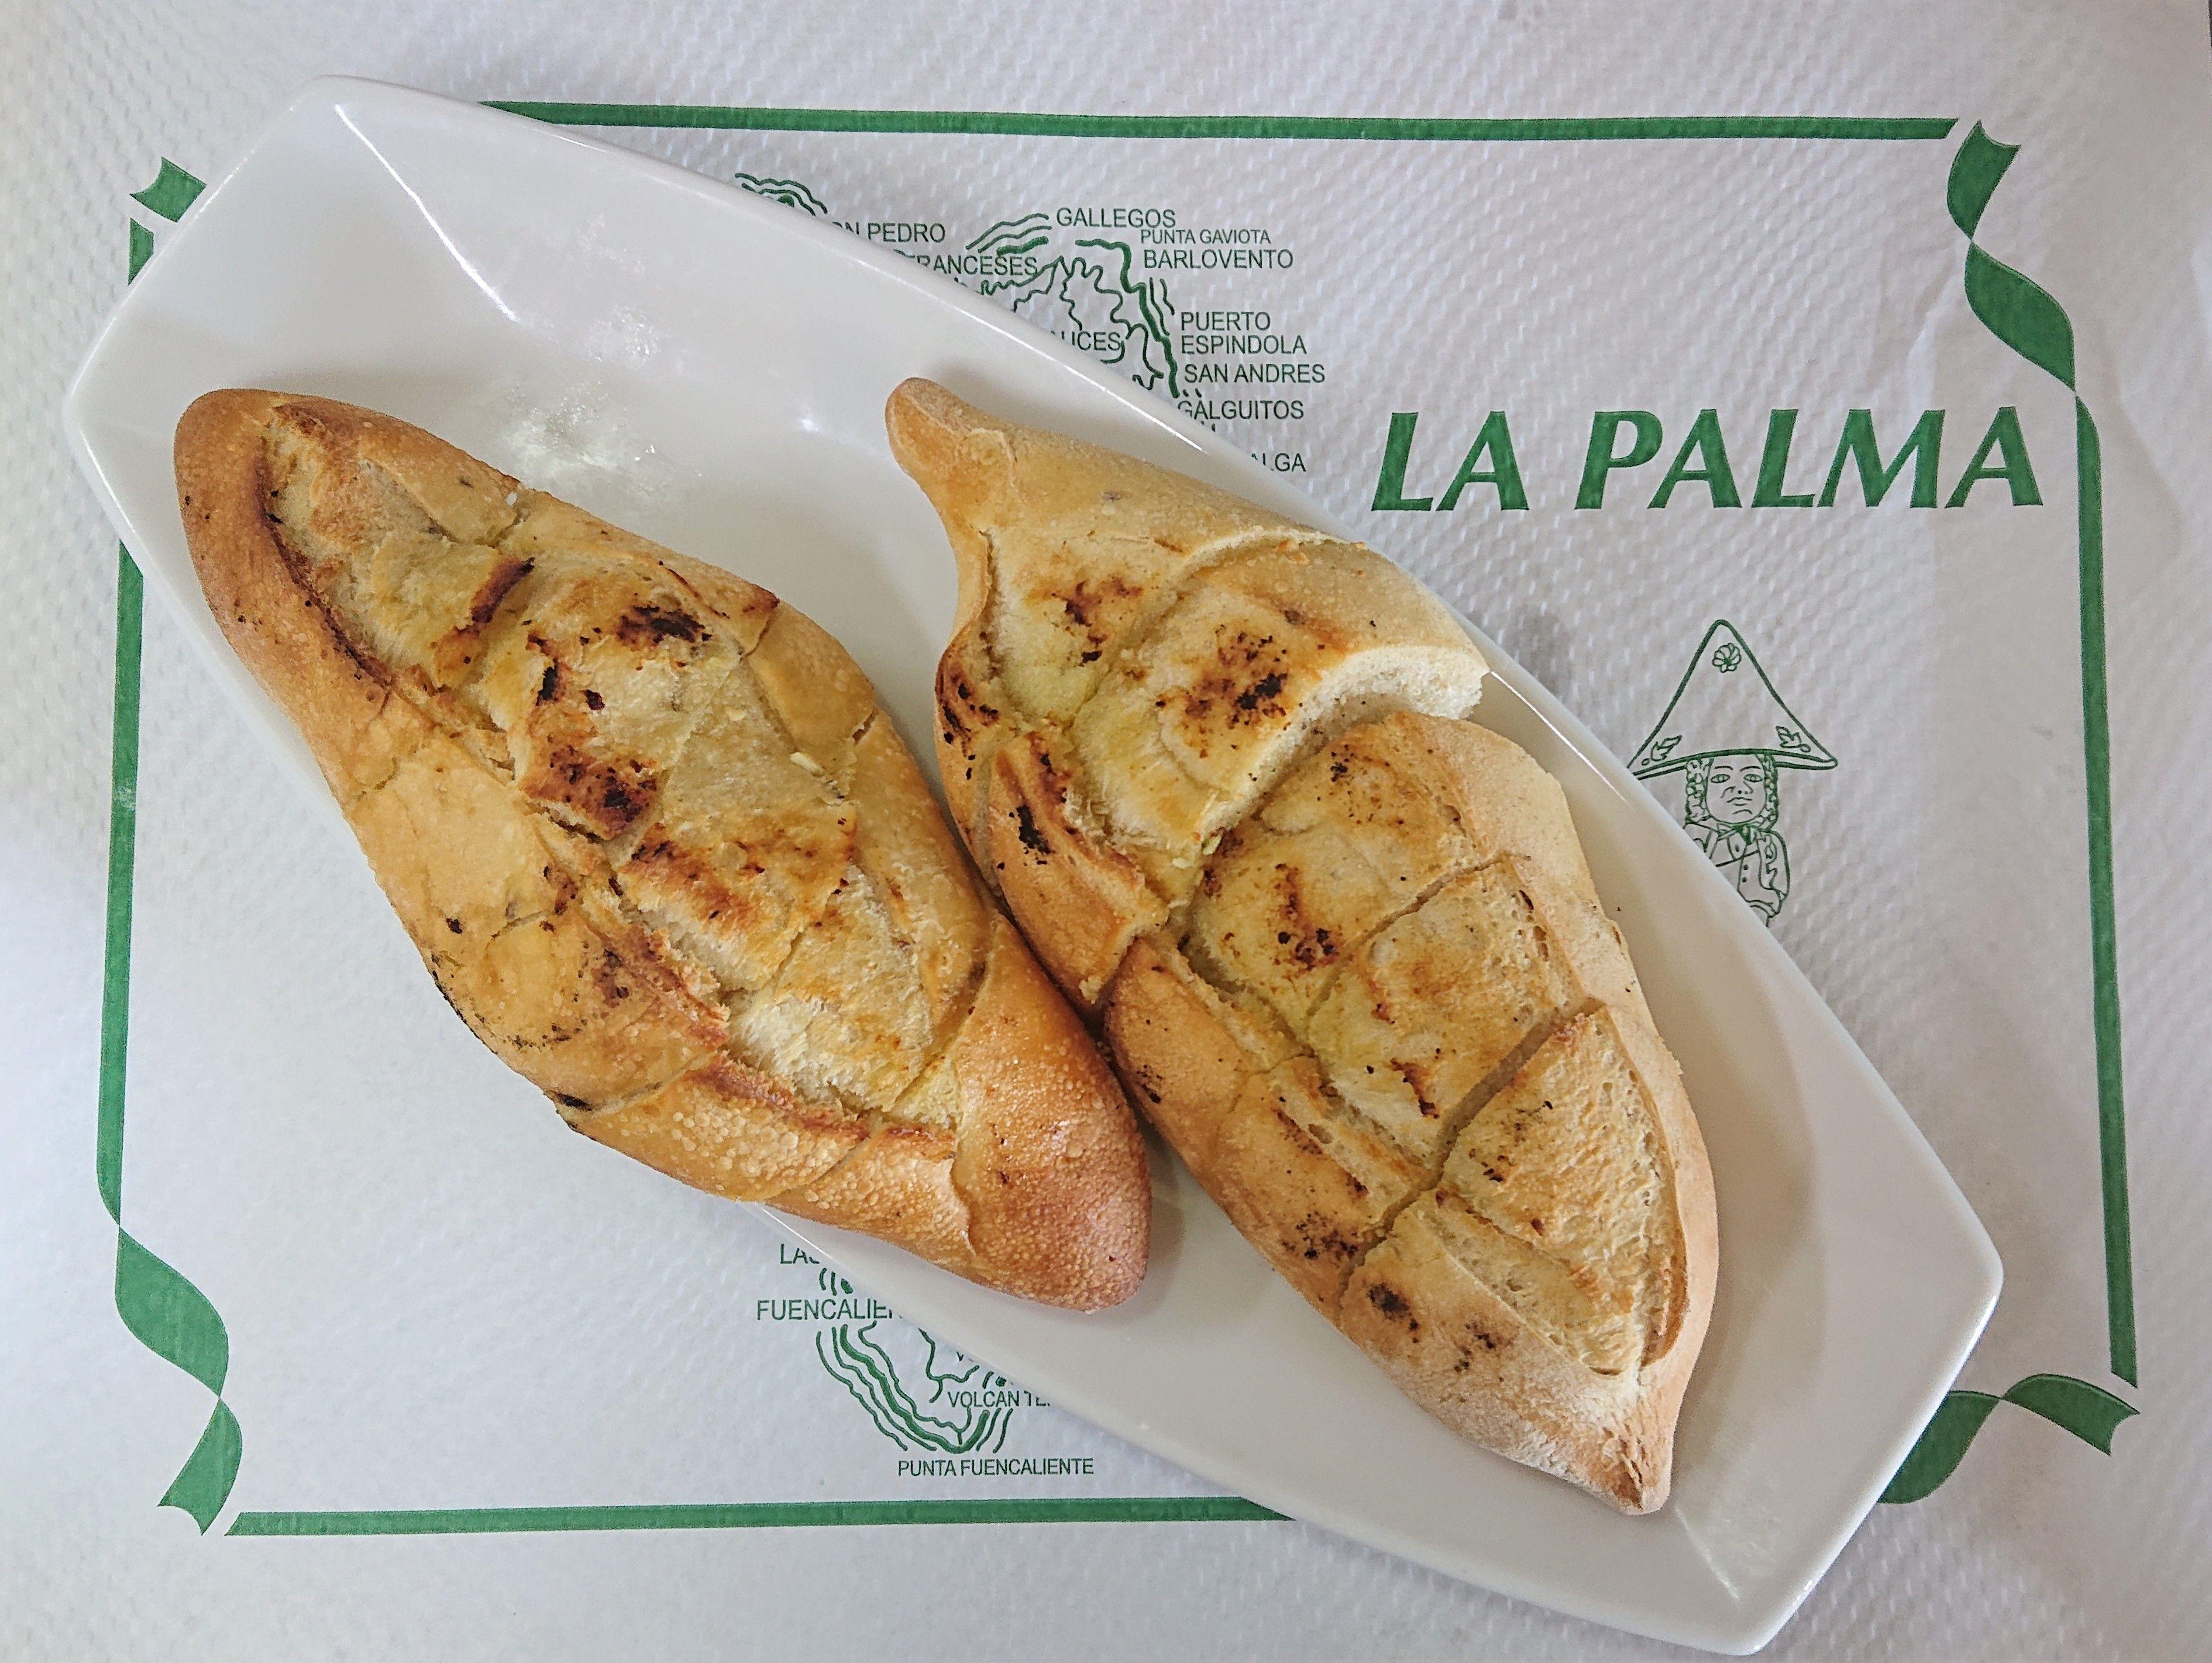 Delicioso pan de ajo en Santa Cruz de la Palma